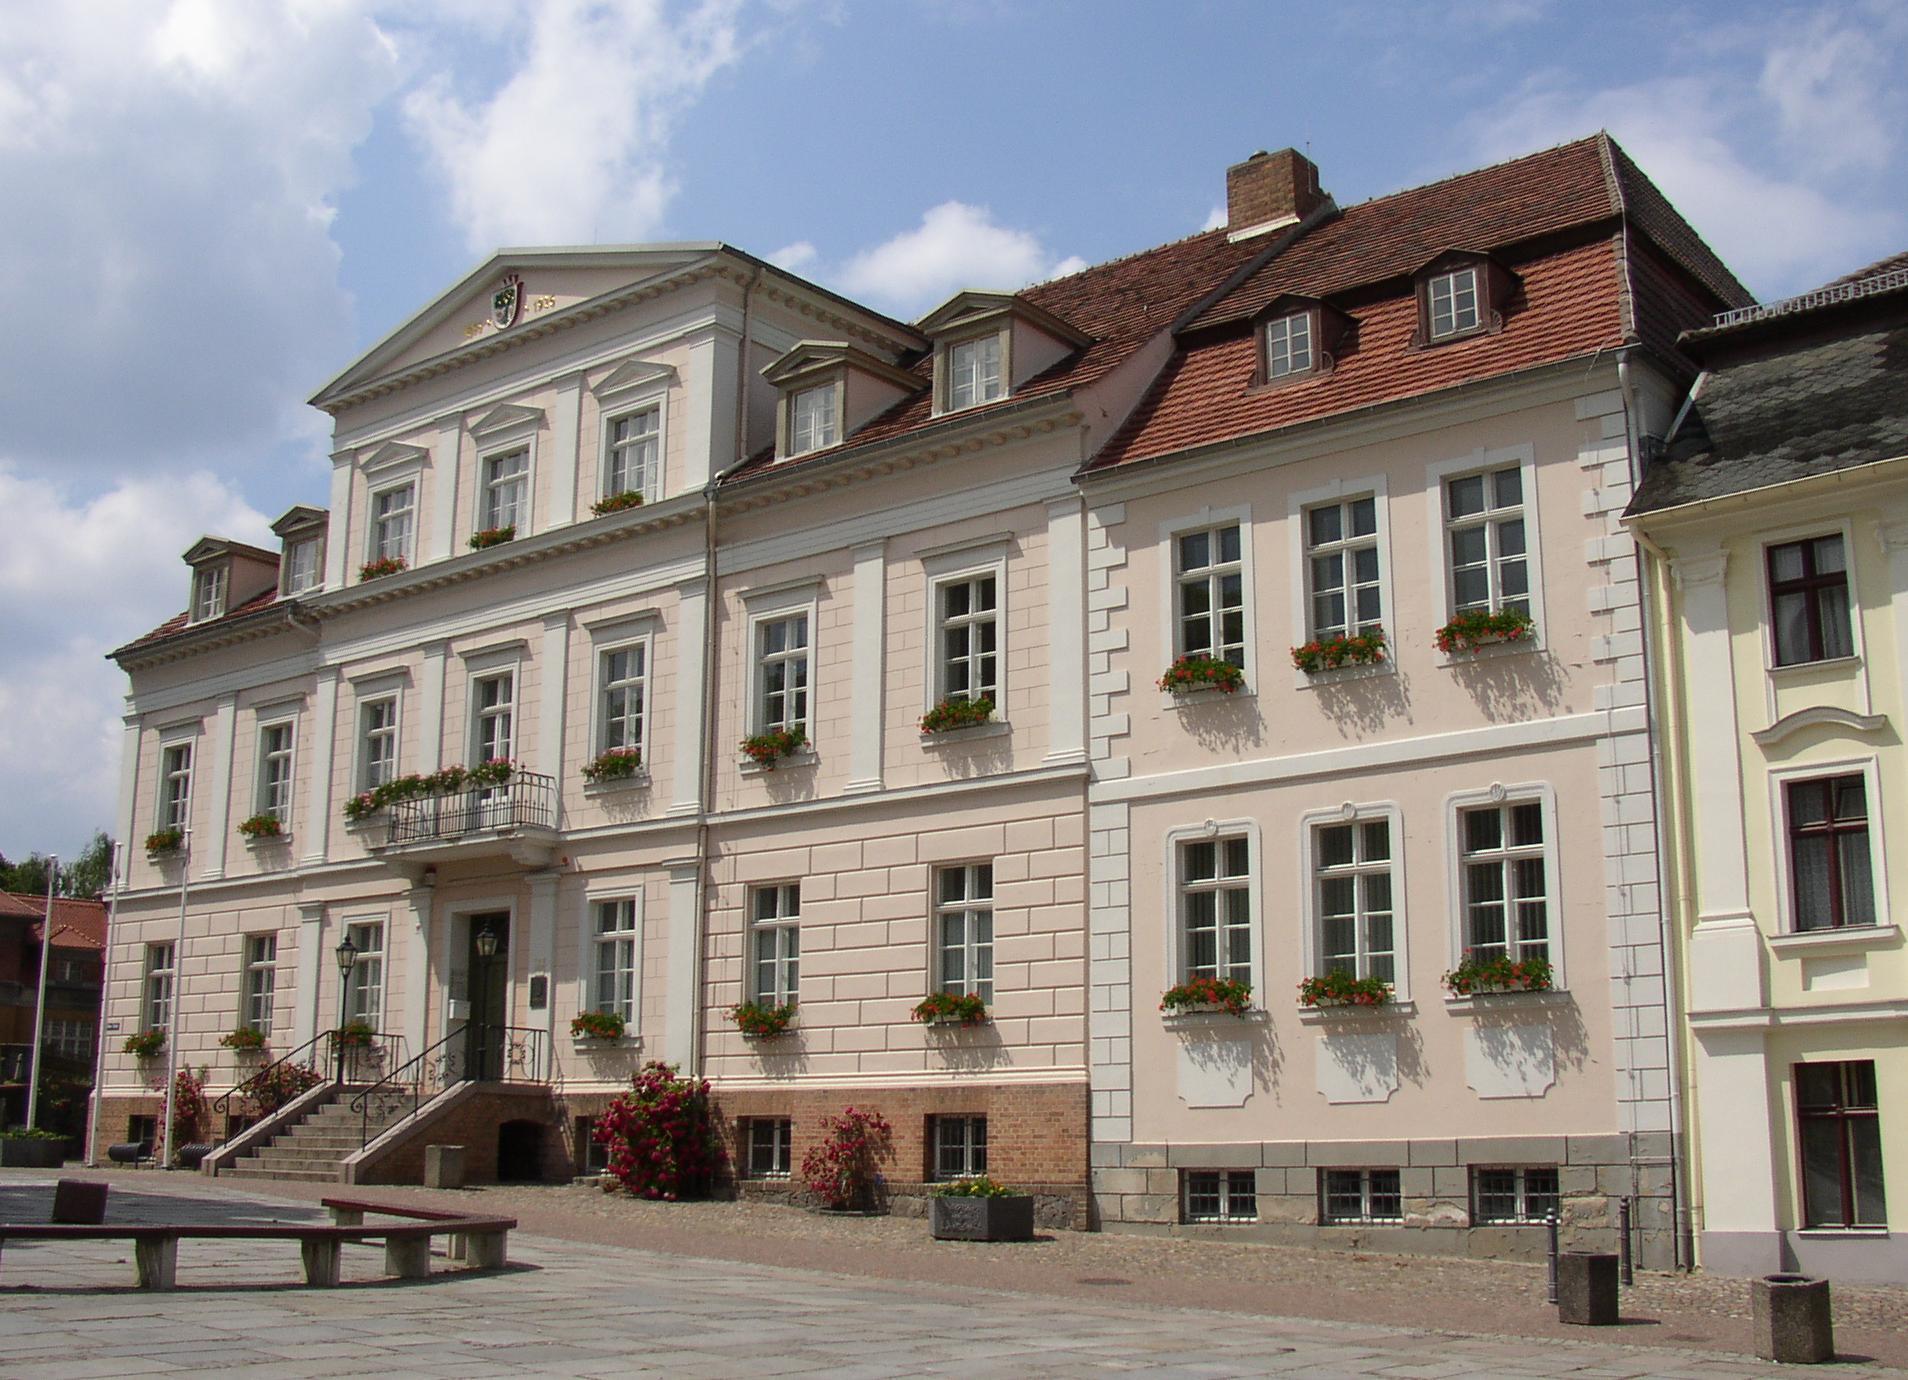 Gwg Bad Freienwalde